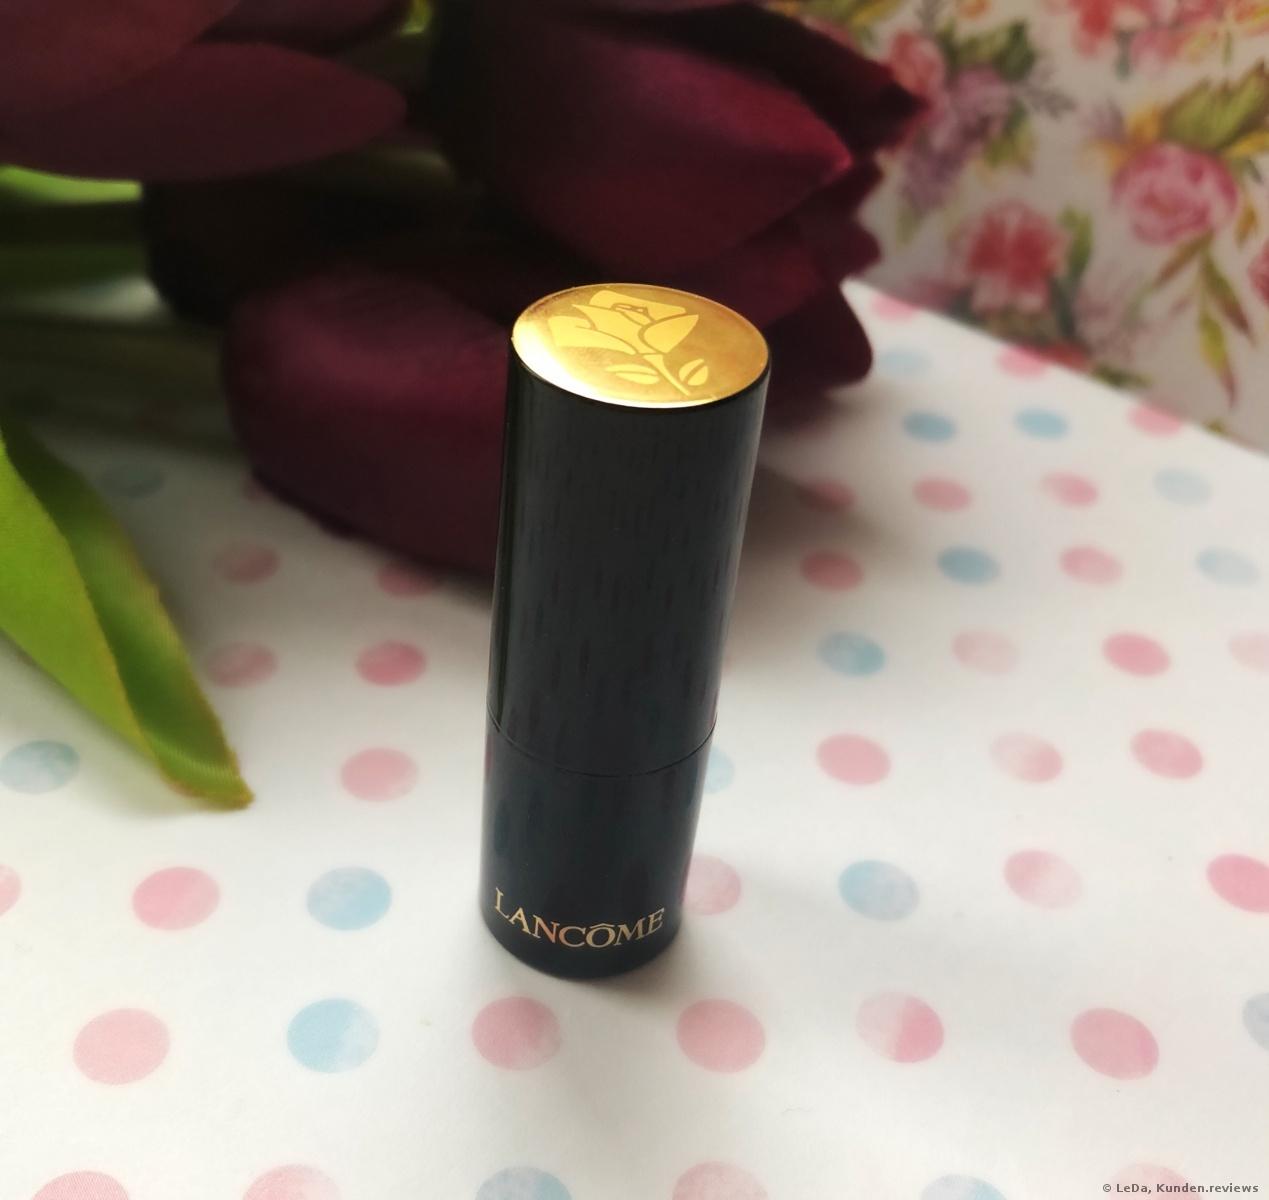 Lancôme L'Absolu Rouge Sheer Lippenstift Foto